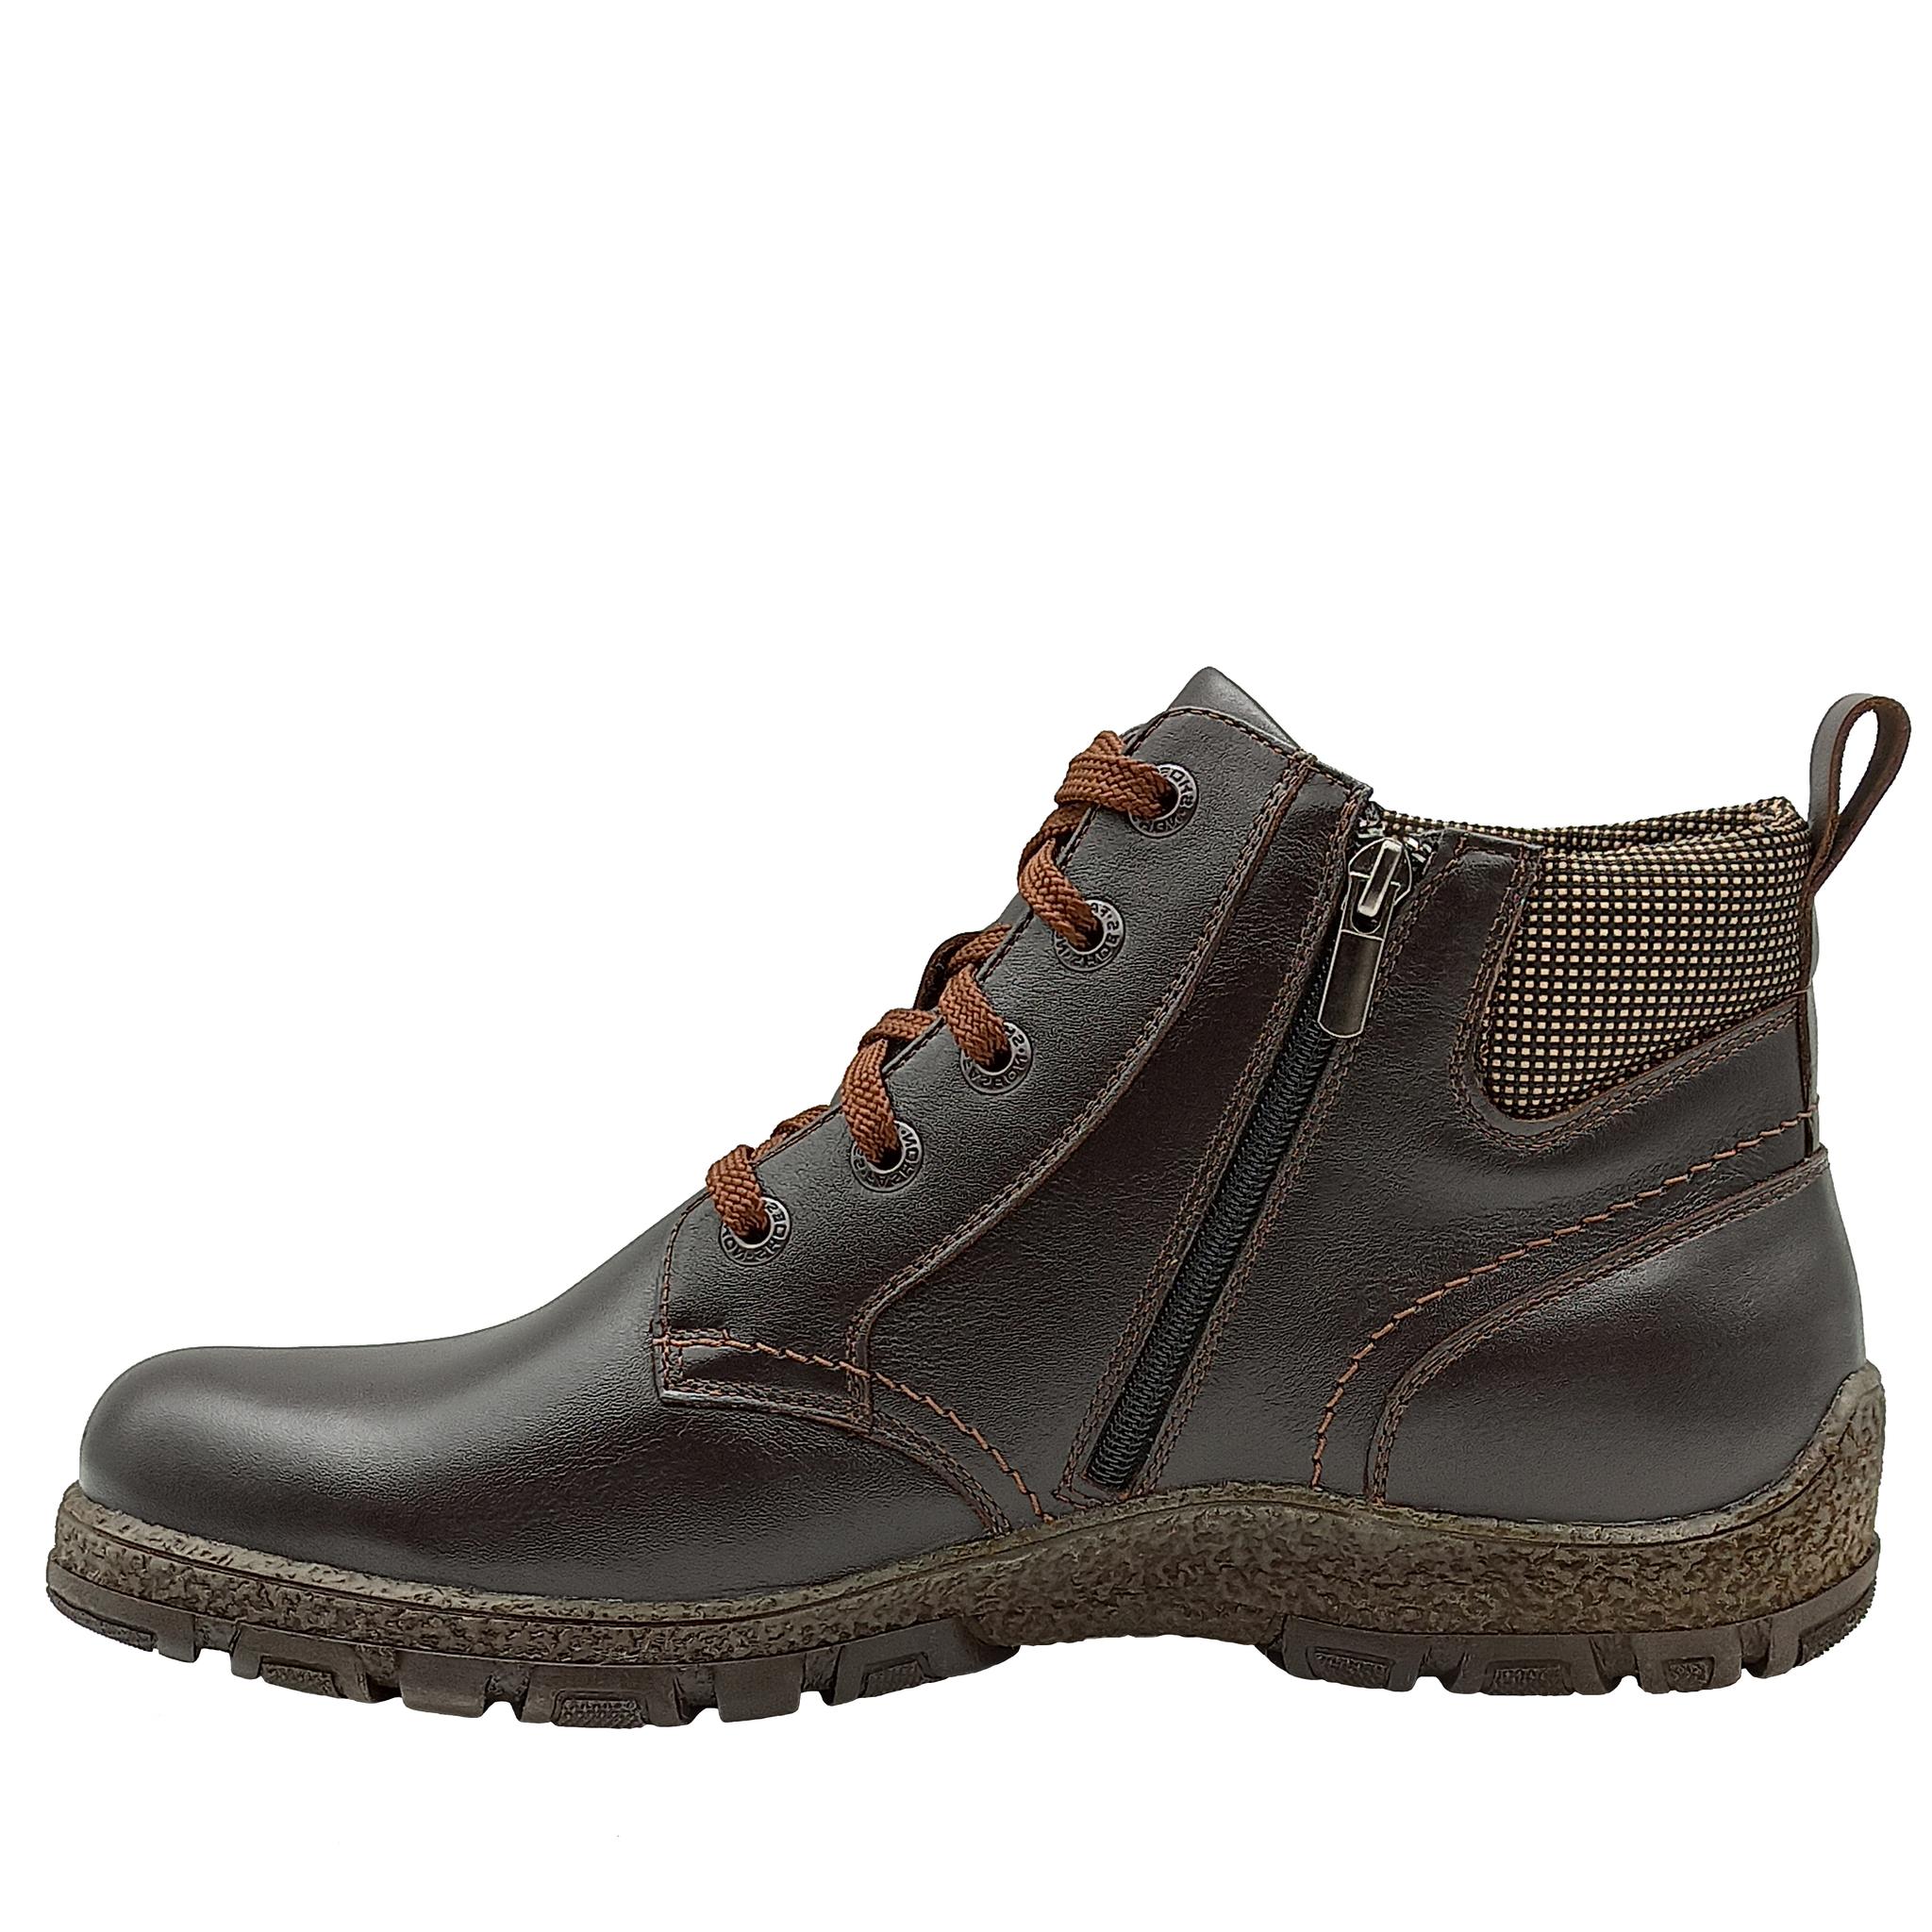 681416 ботинки мужские коричневые больших размеров марки Делфино